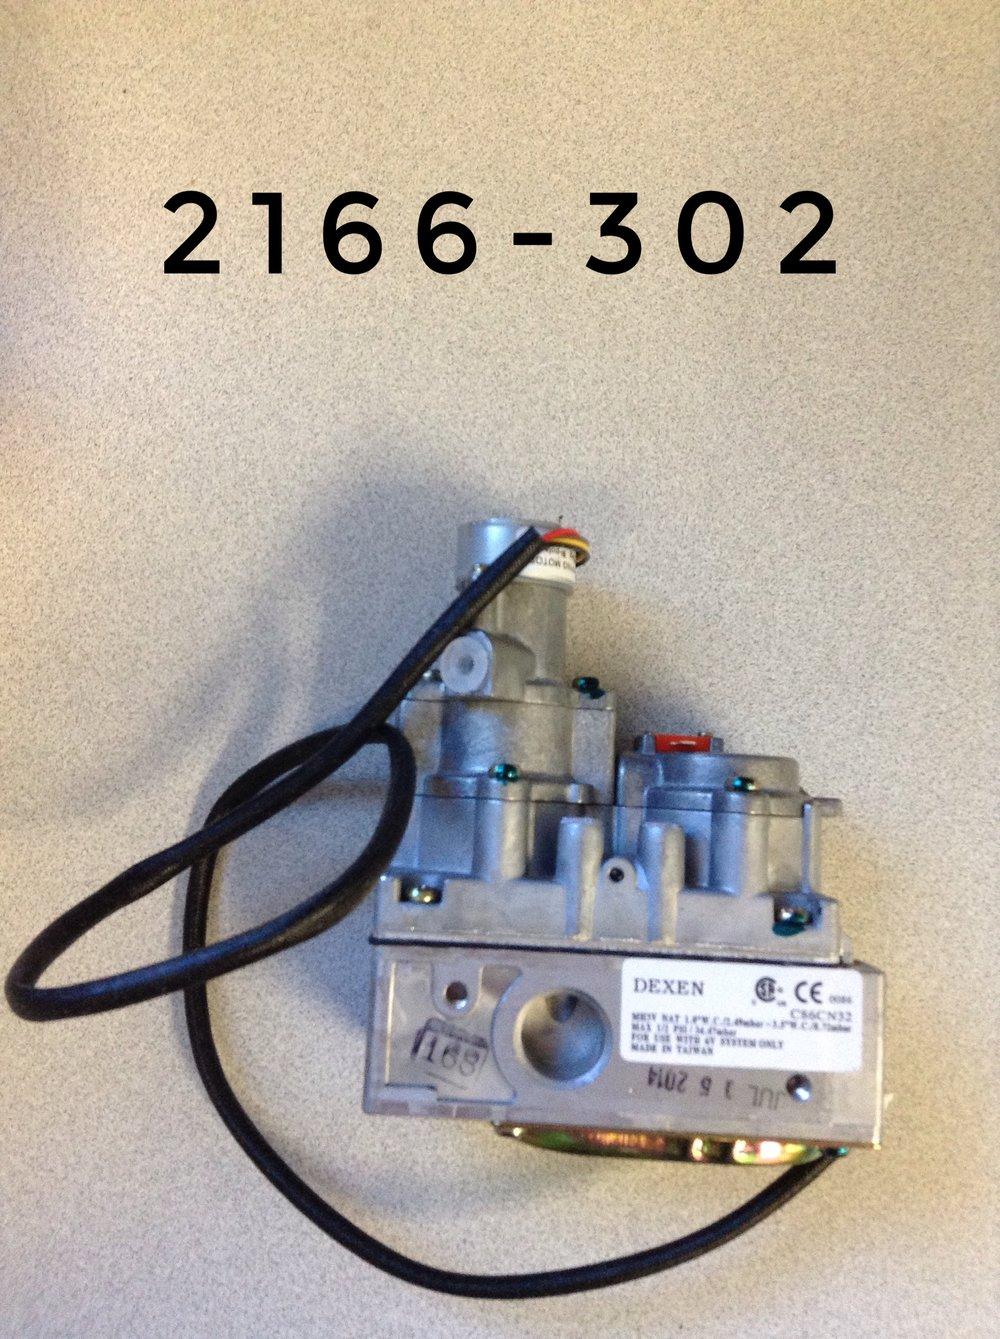 2166-302 (2).JPG